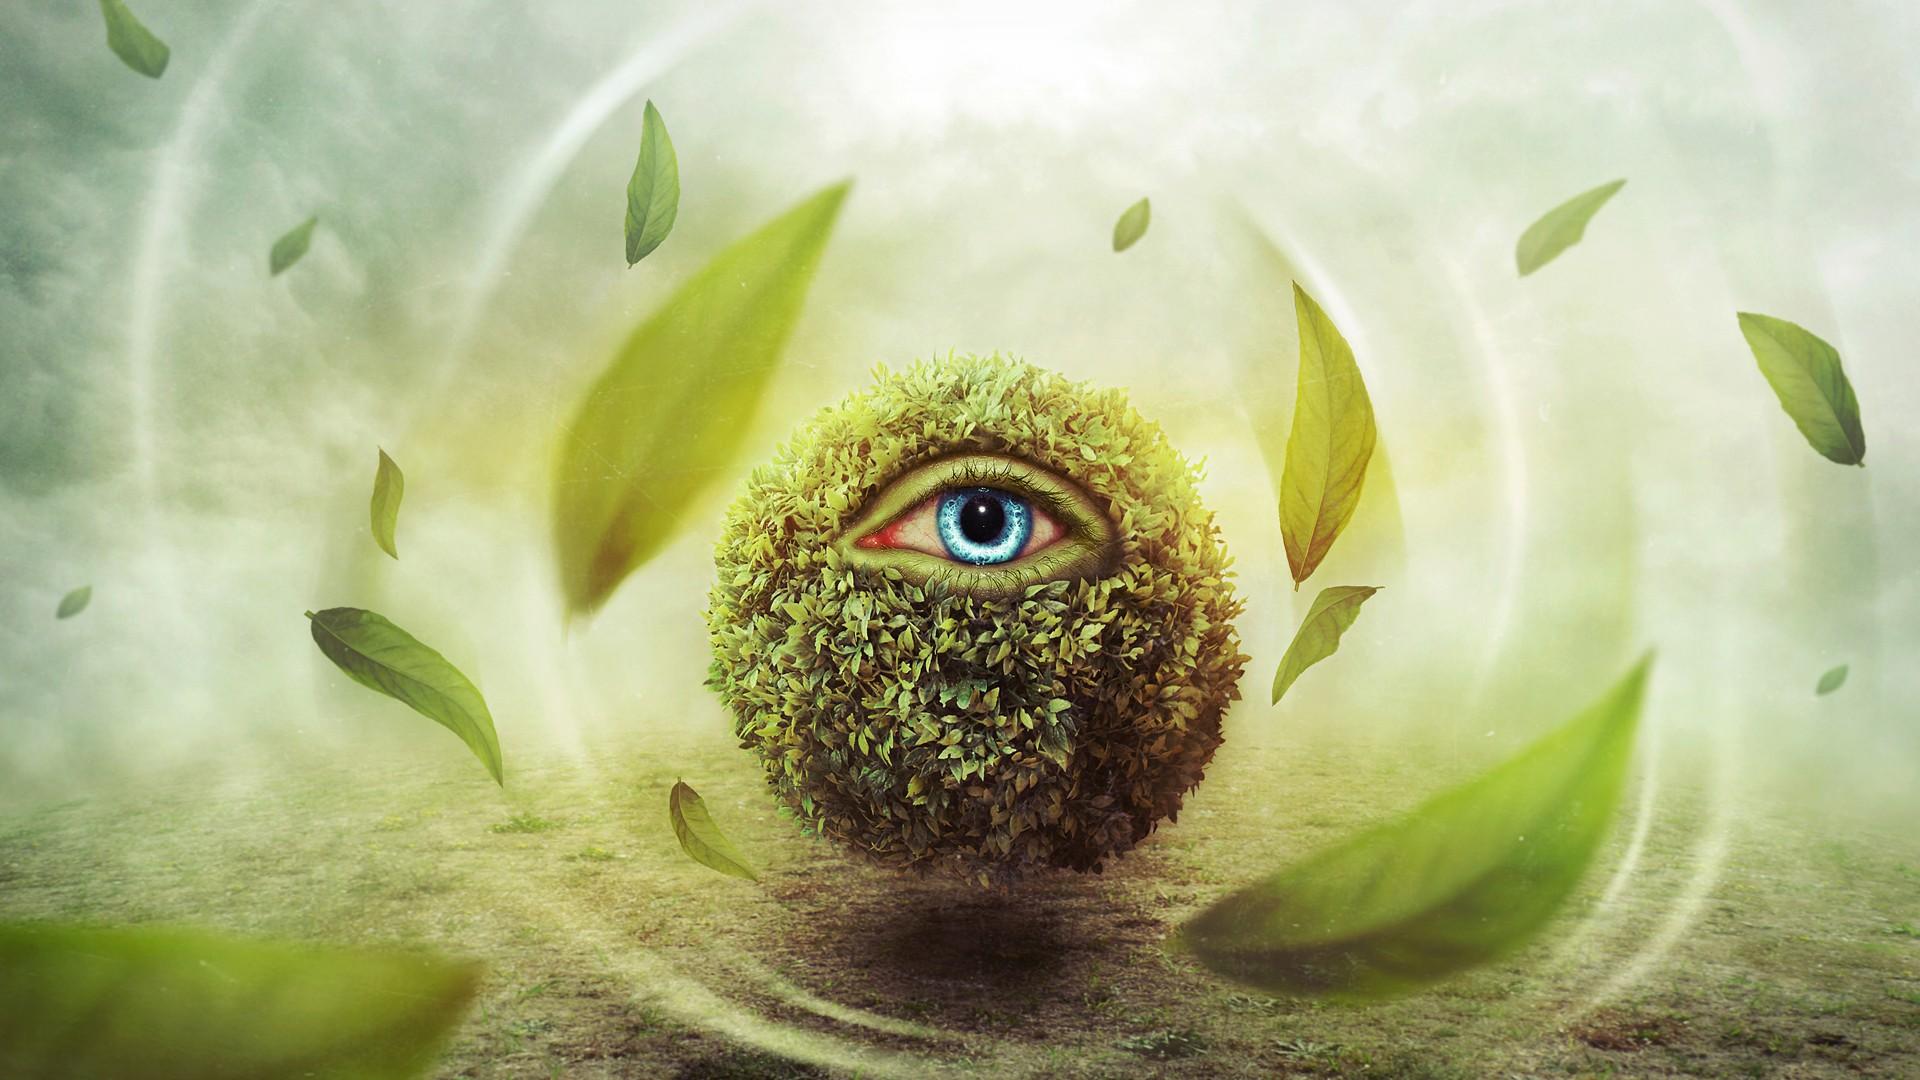 природа глазами человека картинки это